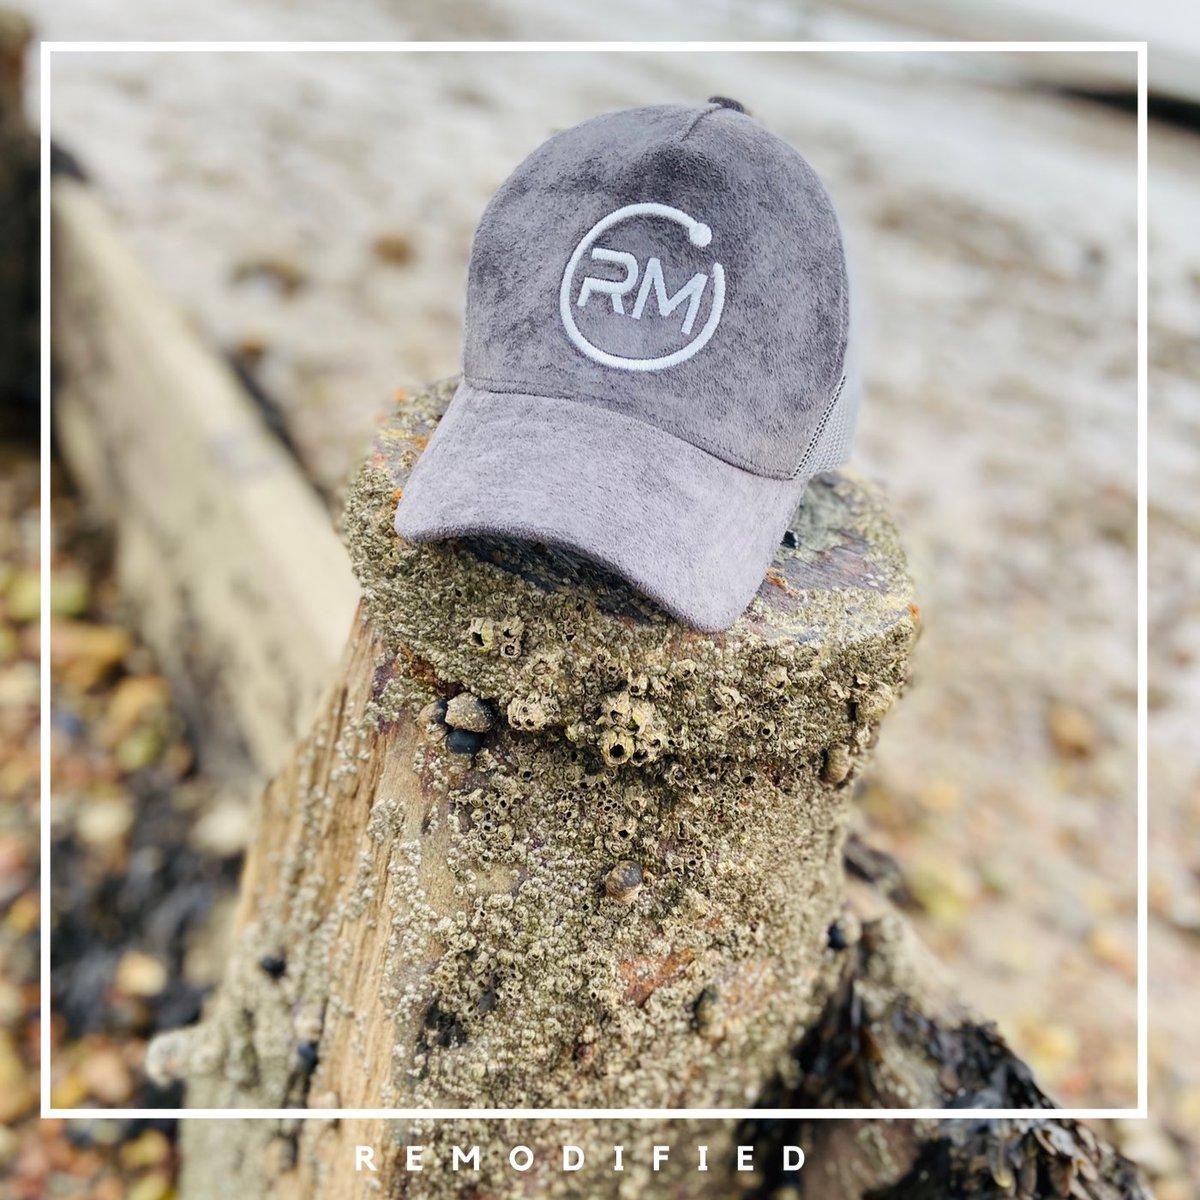 Grey Days call for Grey Head Wear . . .  Get your grey suede mesh trucker hat today DM for details  #rm #graydays #suedetruckerhat #unisexfashion #adultfashion #childrenfashion #unique #styleinfluencer #styleicon #standoutpic.twitter.com/fVCIheOfft